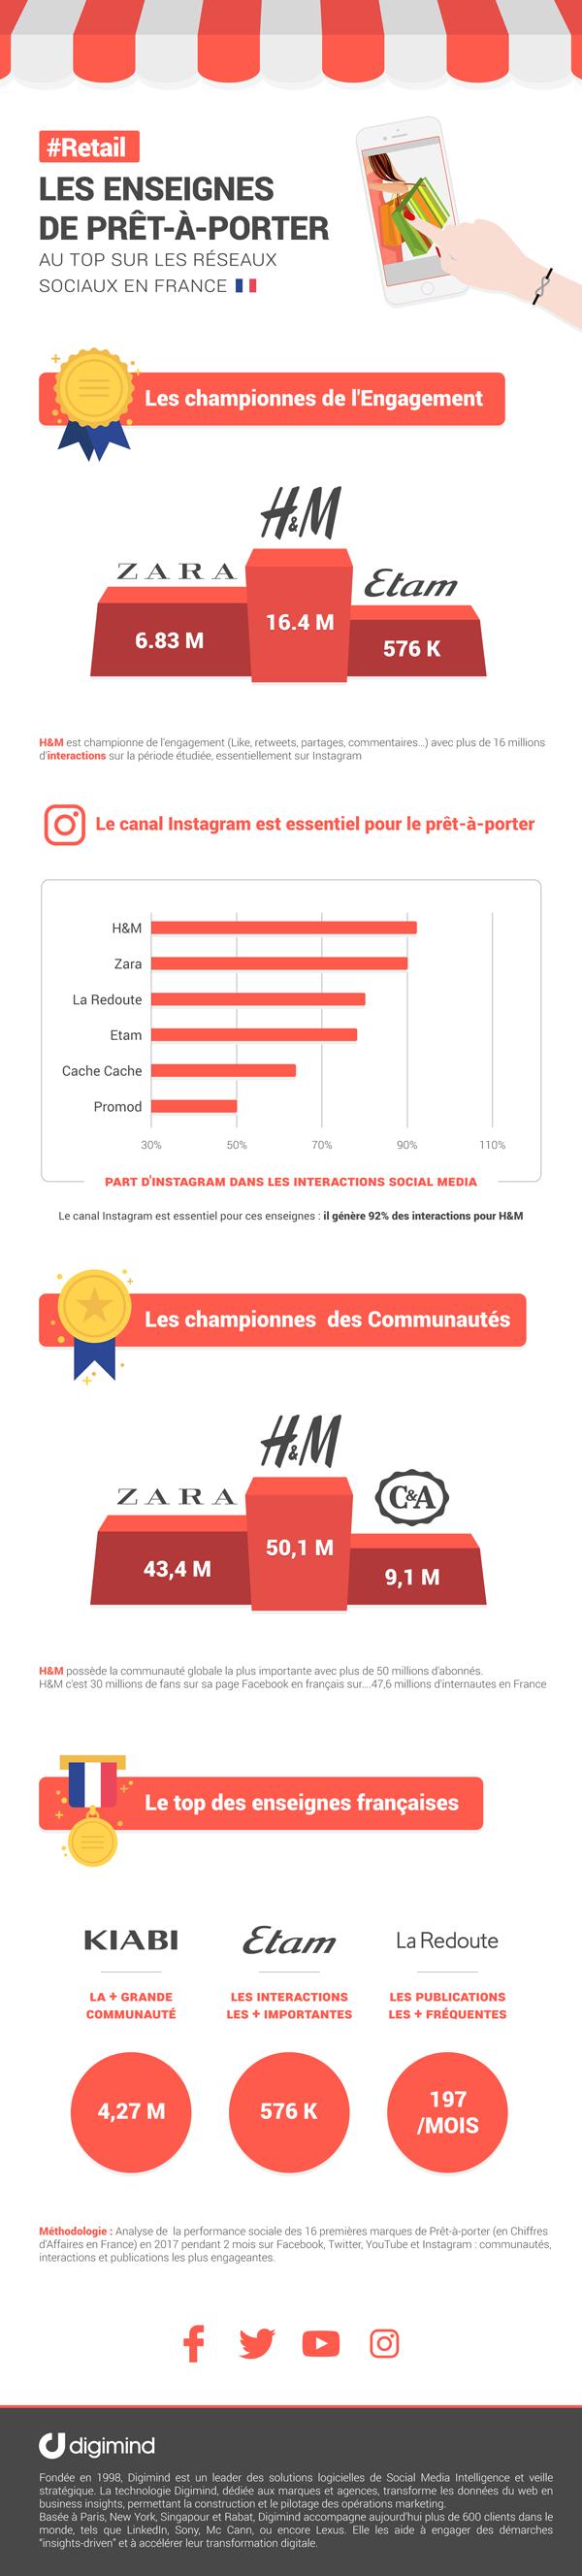 Infographie : Les enseignes de Prêt-à-porter au Top sur les réseaux sociaux en France